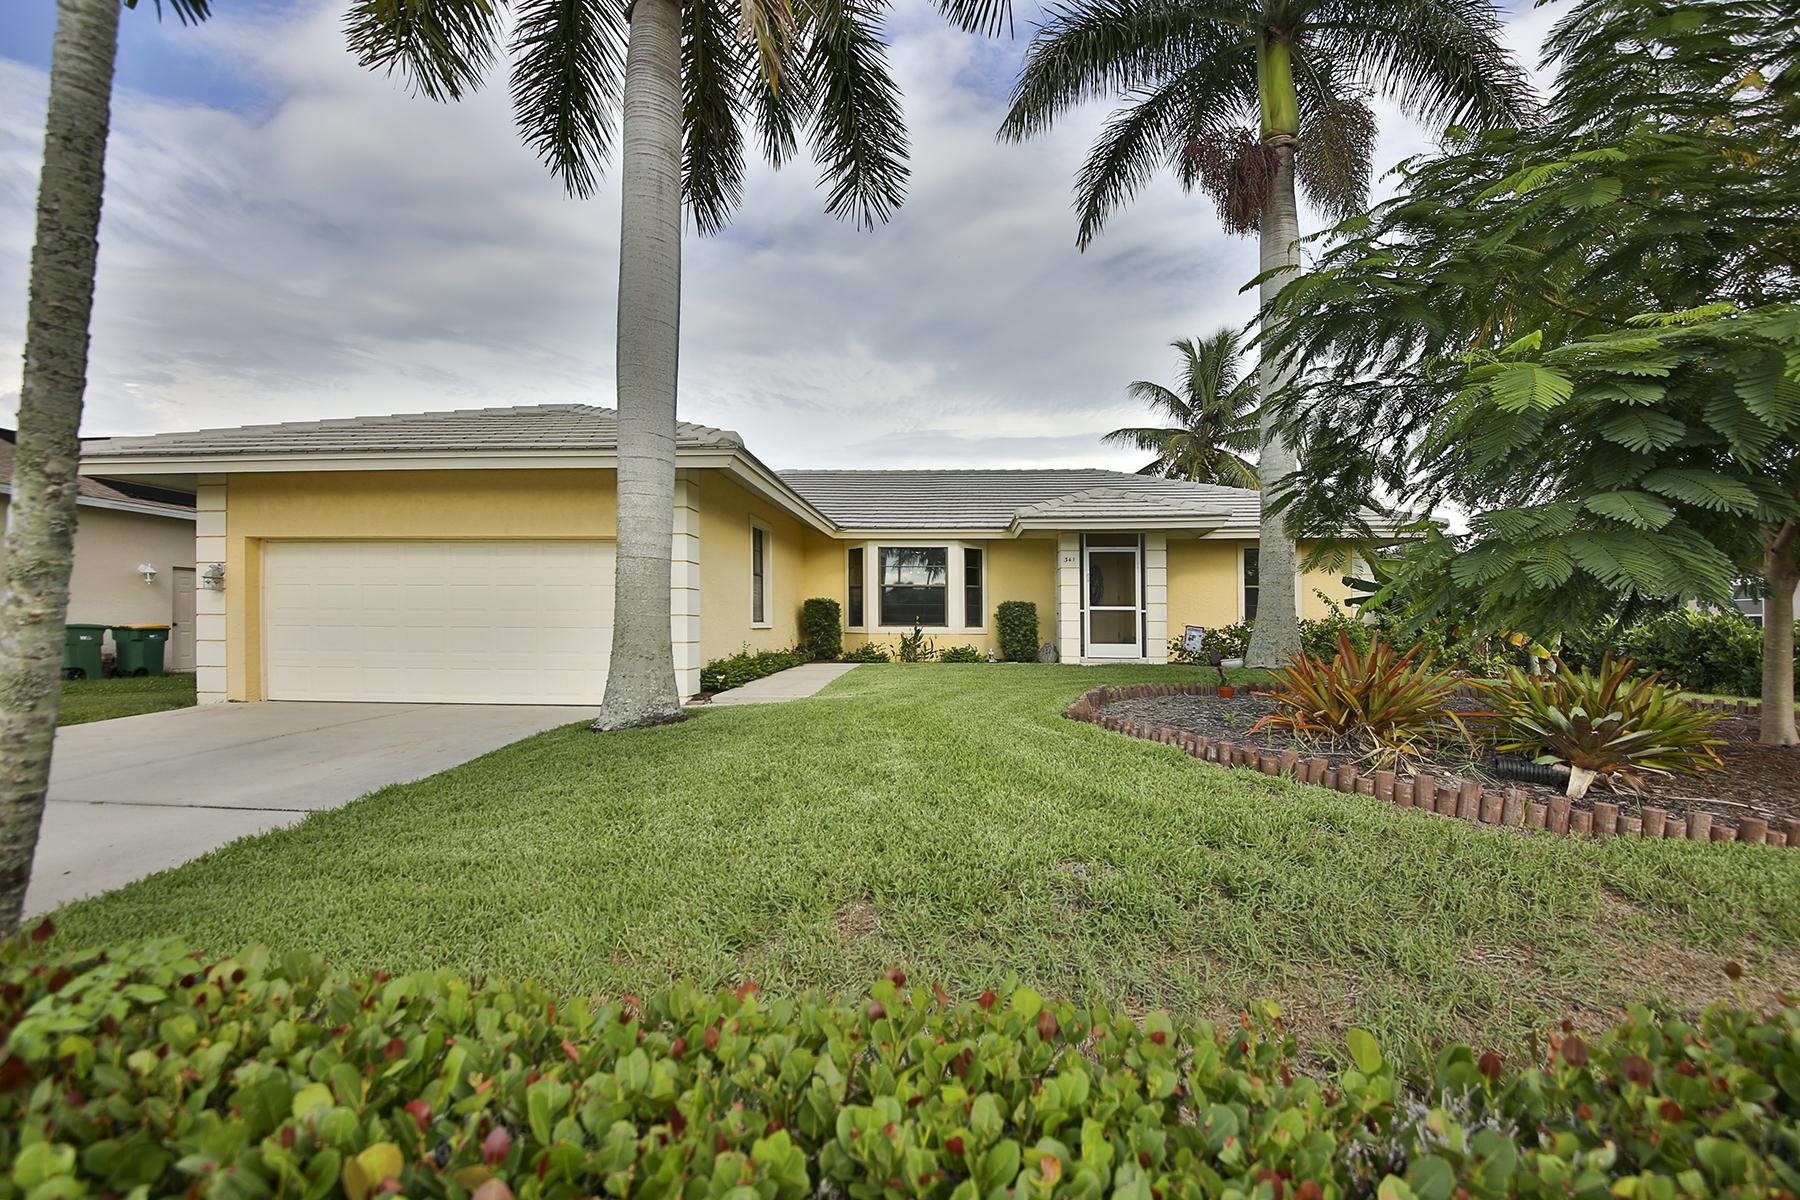 Villa per Vendita alle ore MARCO ISLAND - REGATTA STREET 341 Regatta St Marco Island, Florida, 34145 Stati Uniti